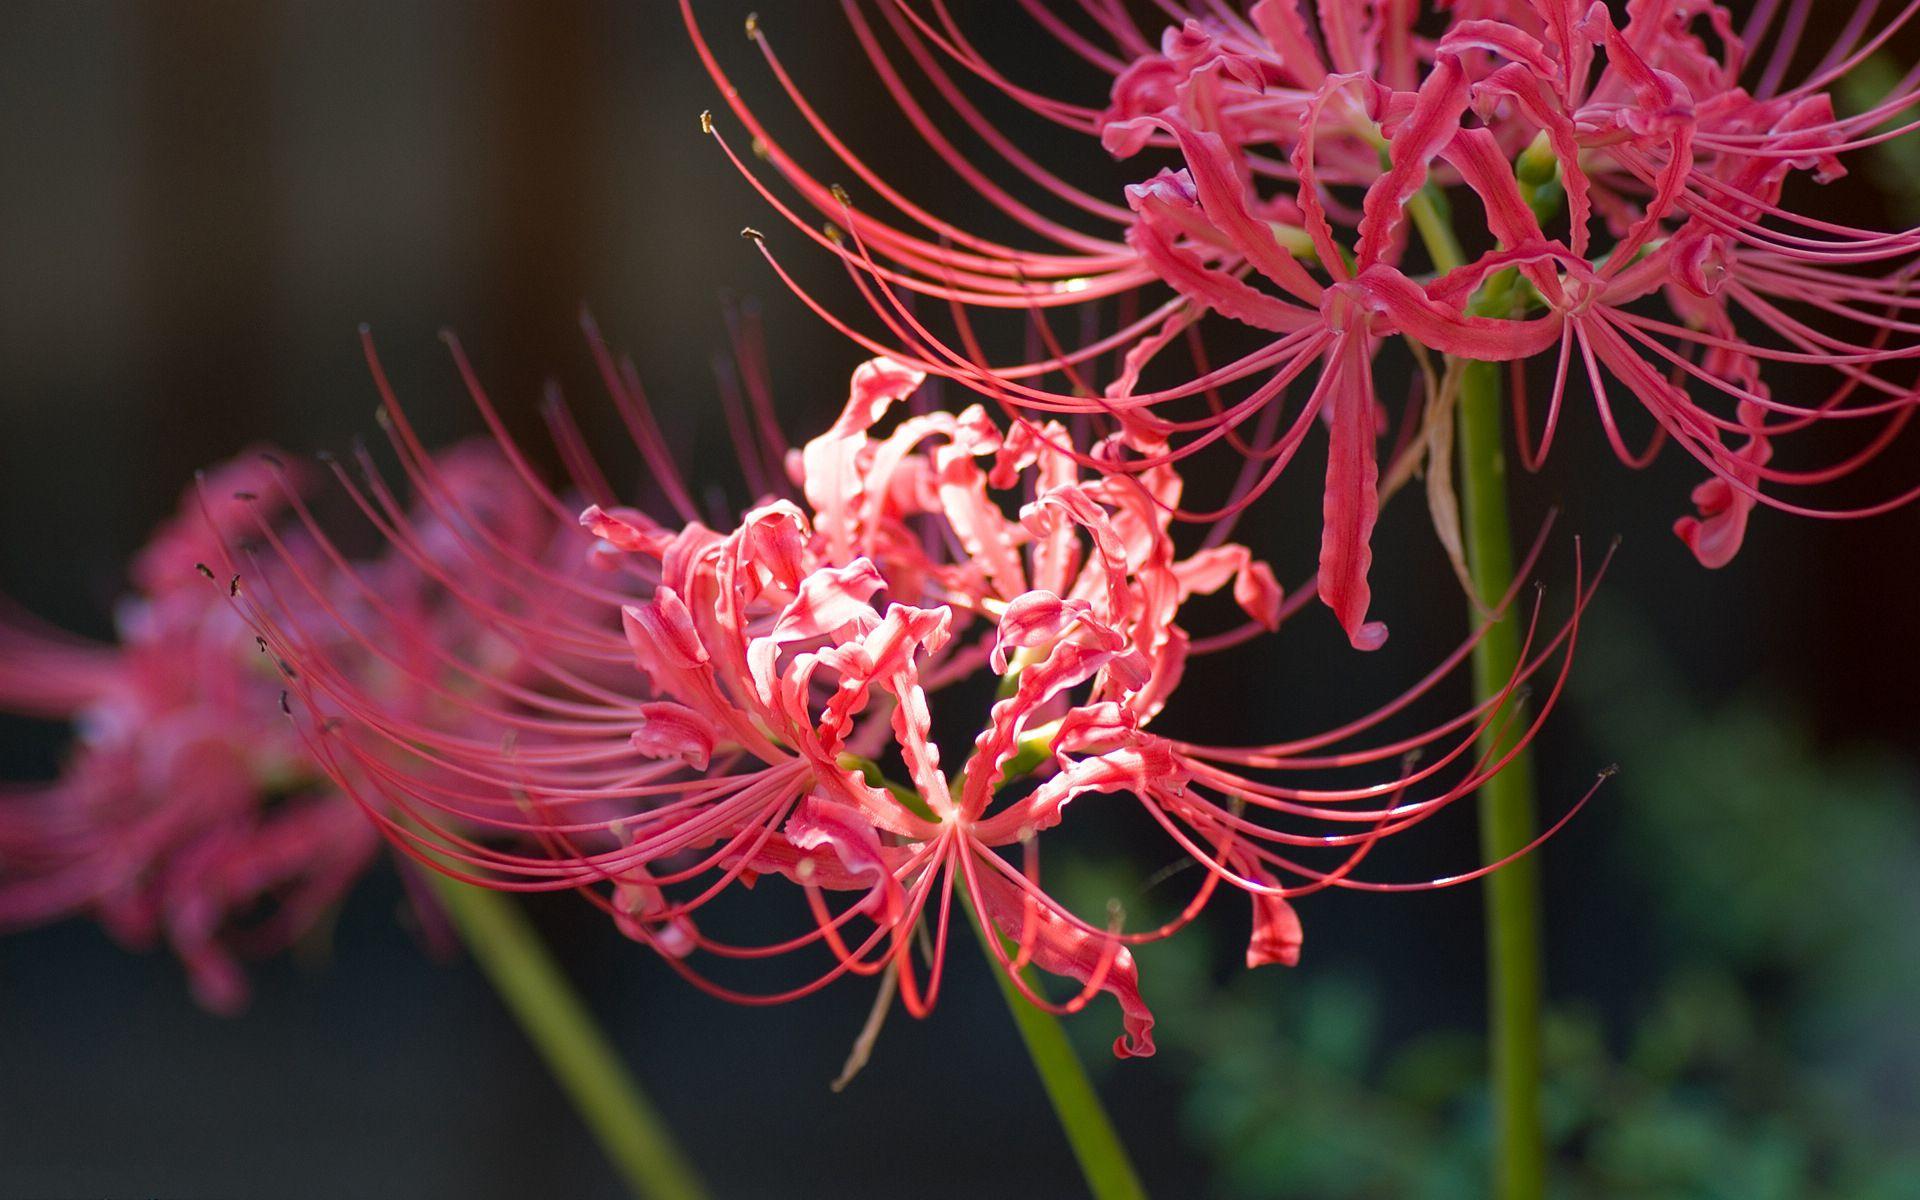 Một bức ảnh hoa bỉ ngạn tươi sáng hơn